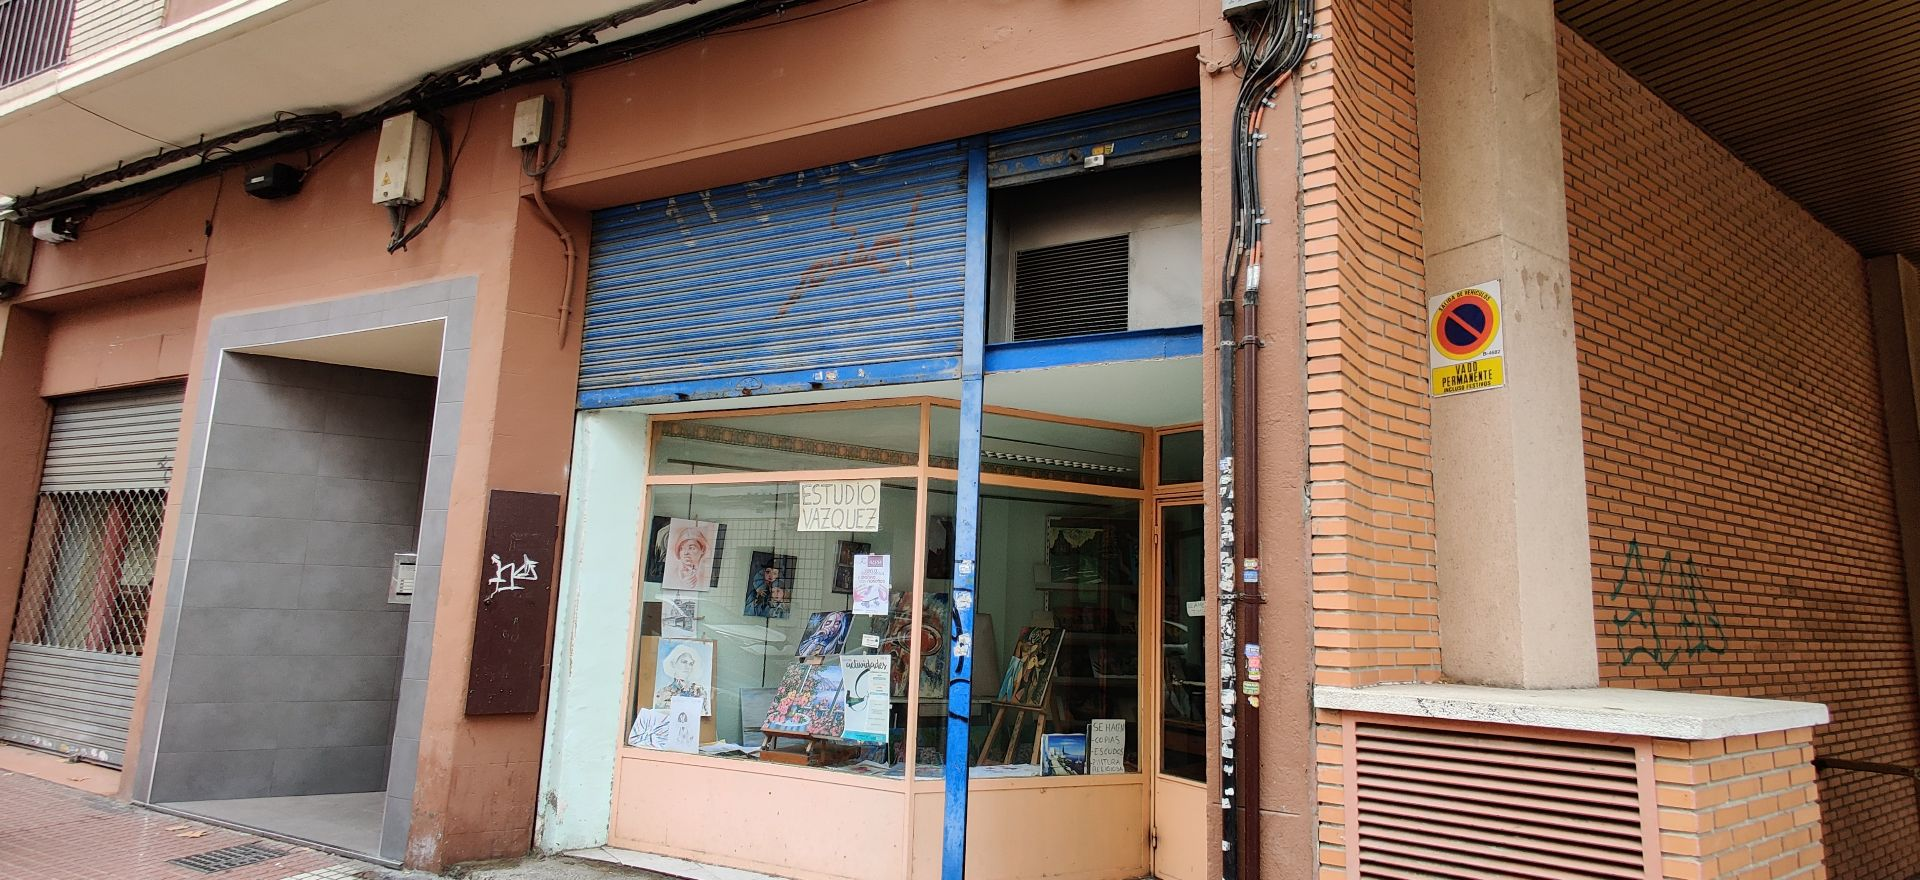 Local comercial en Zaragoza, San Jose, venta